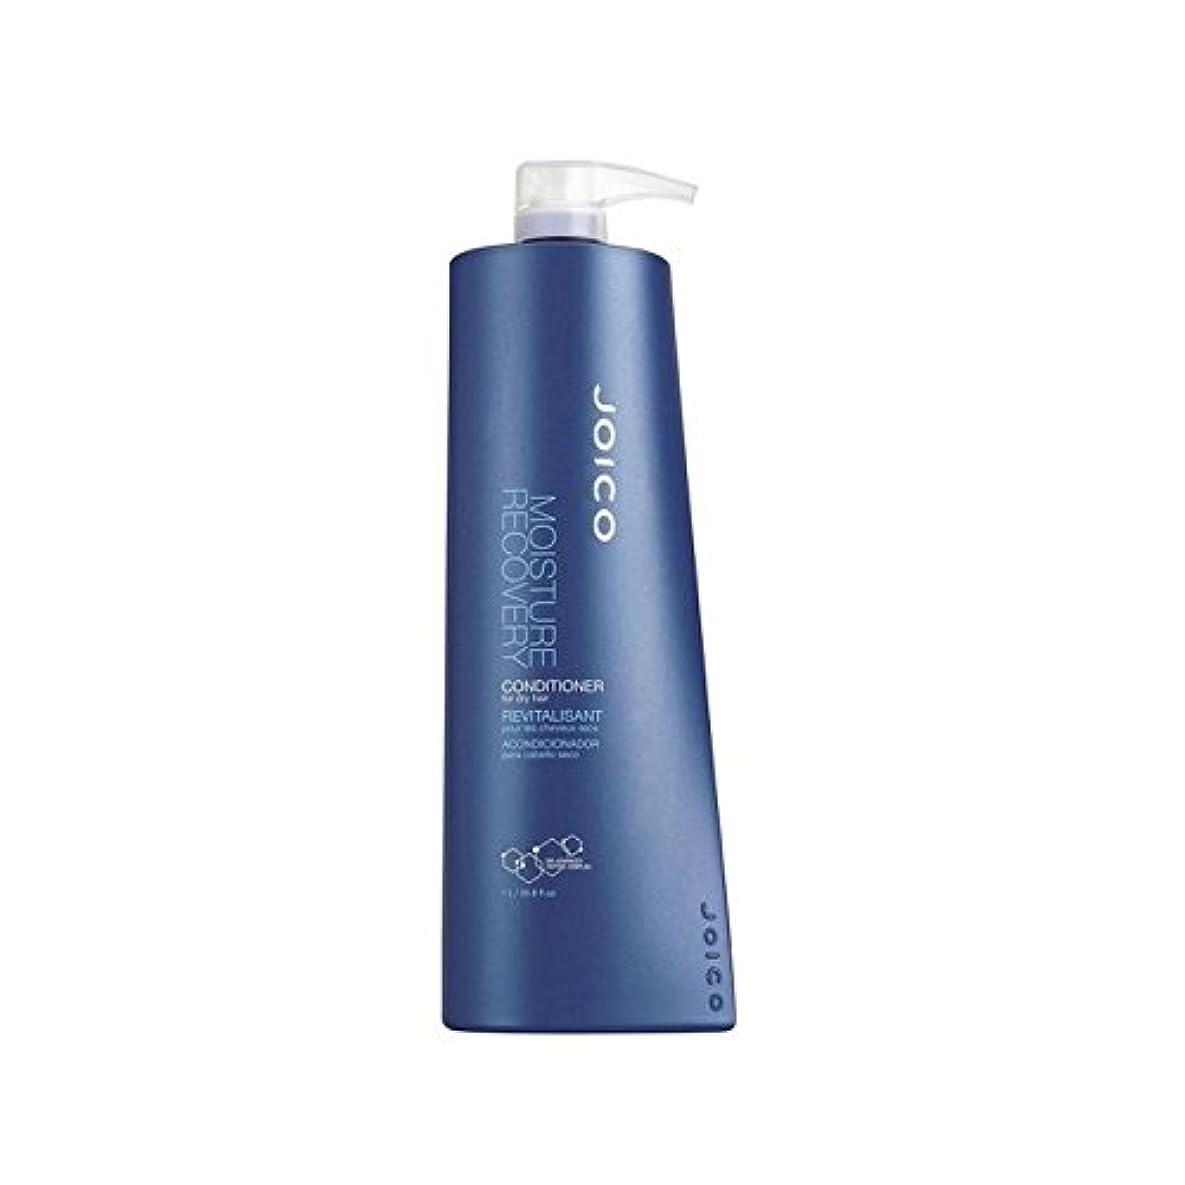 うつ球体換気するJoico Moisture Recovery Conditioner For Dry Hair (1000ml) - 乾いた髪用ジョイコ水分回復コンディショナー(千ミリリットル) [並行輸入品]